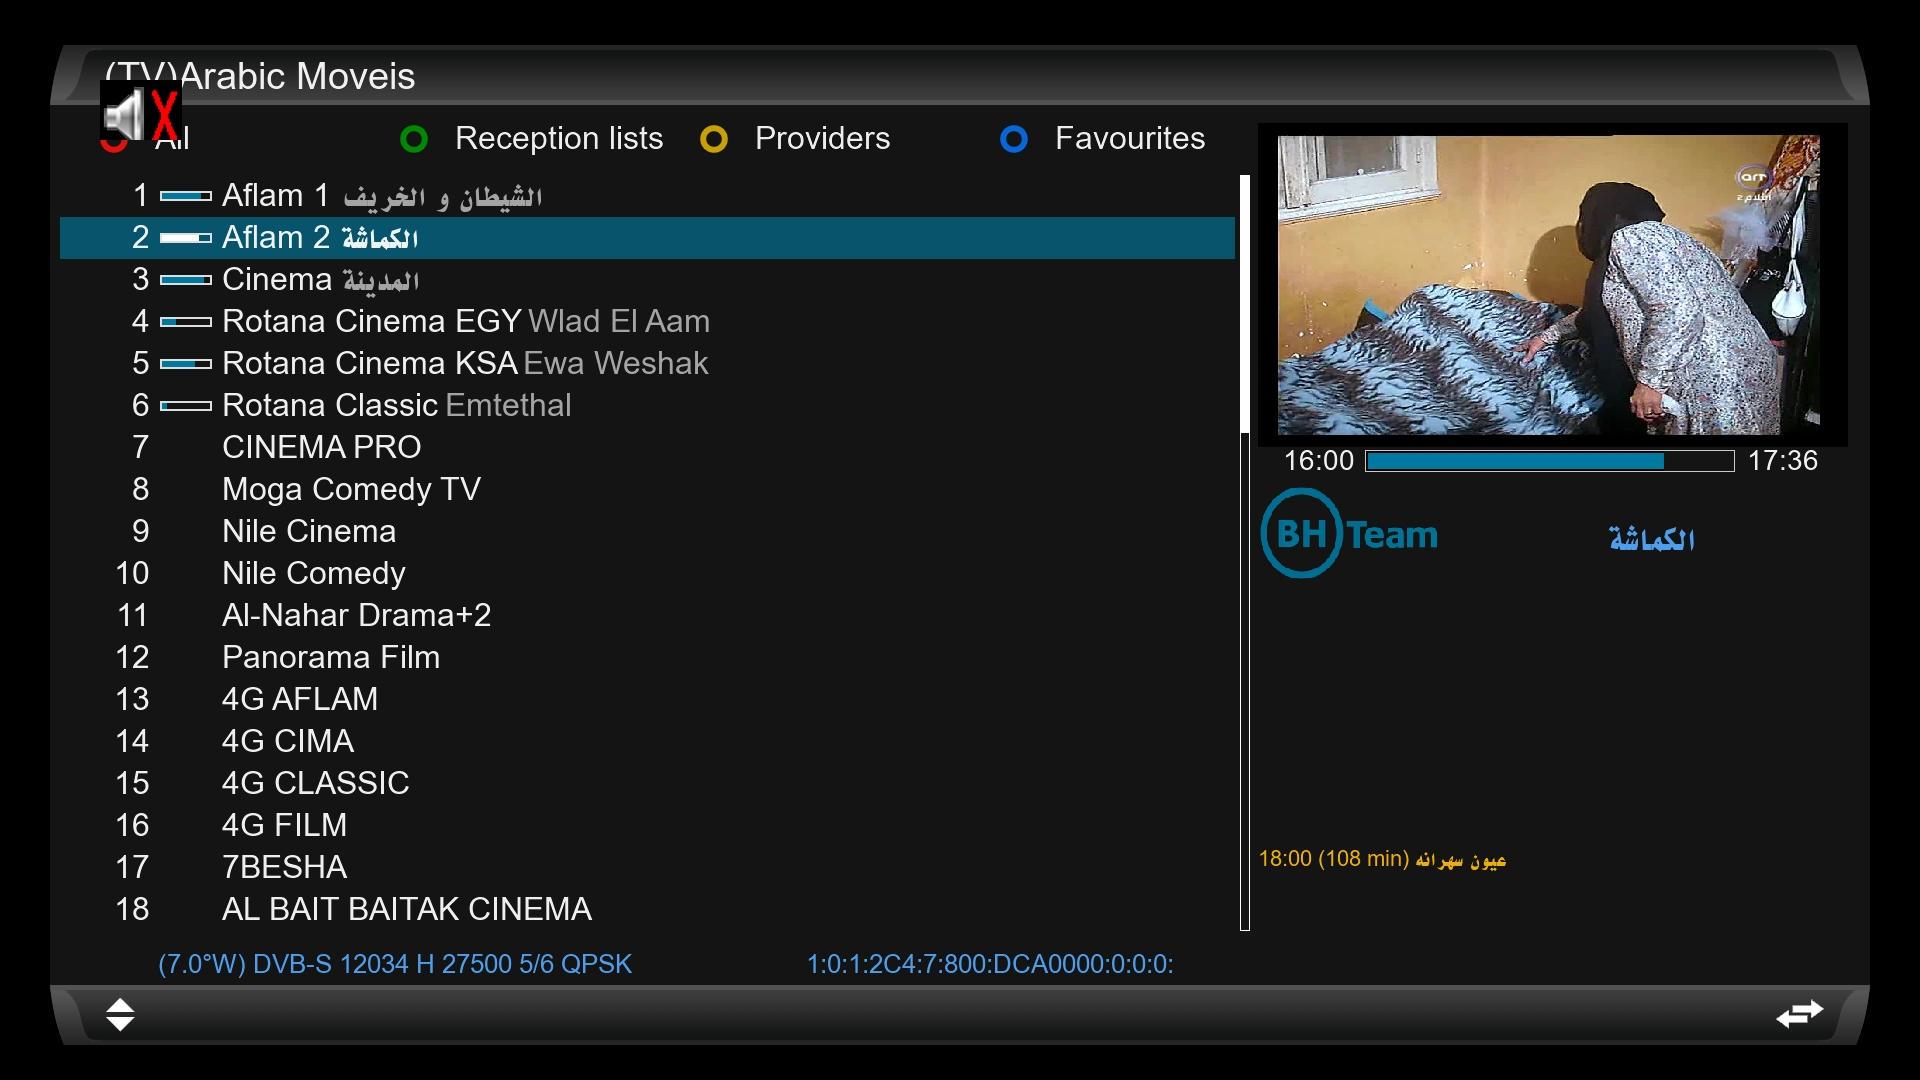 لعيونكم احدث باكب للصورة الرائعه OPEN ATV 6.1 اتمنى انه يعجبكم 92c25x0cdkq4milzg